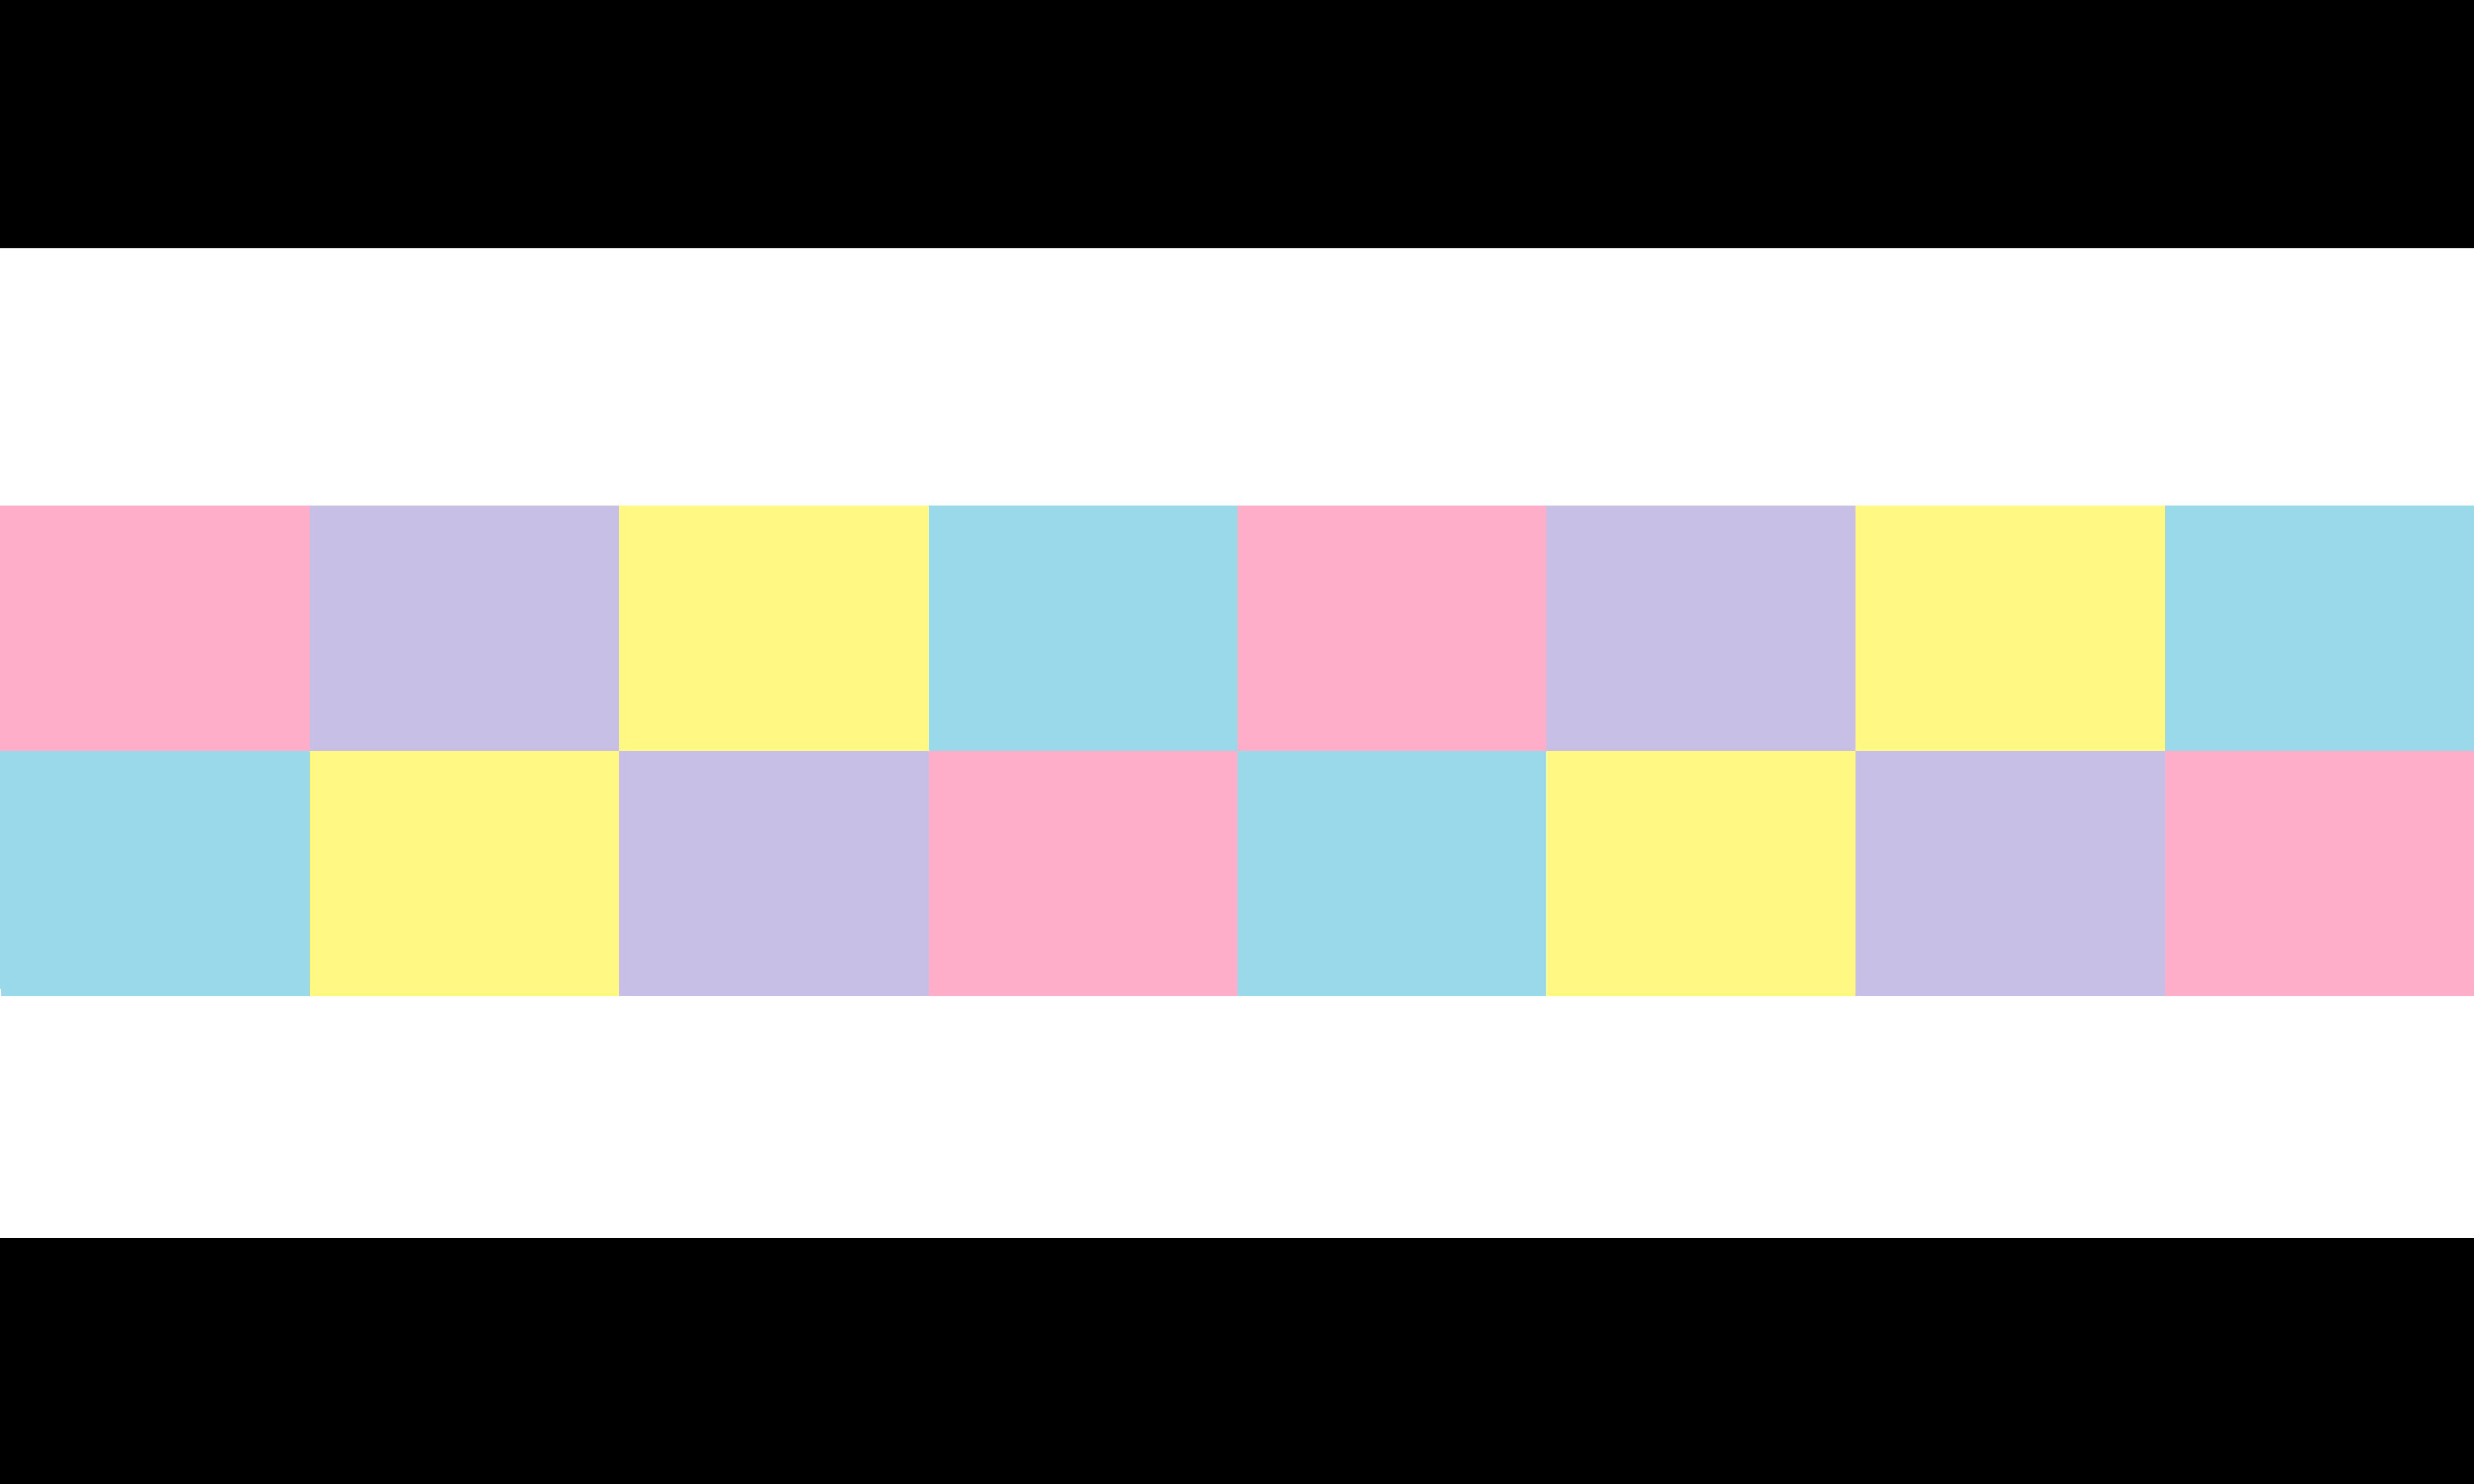 Mosaigender / Portiogender (2)